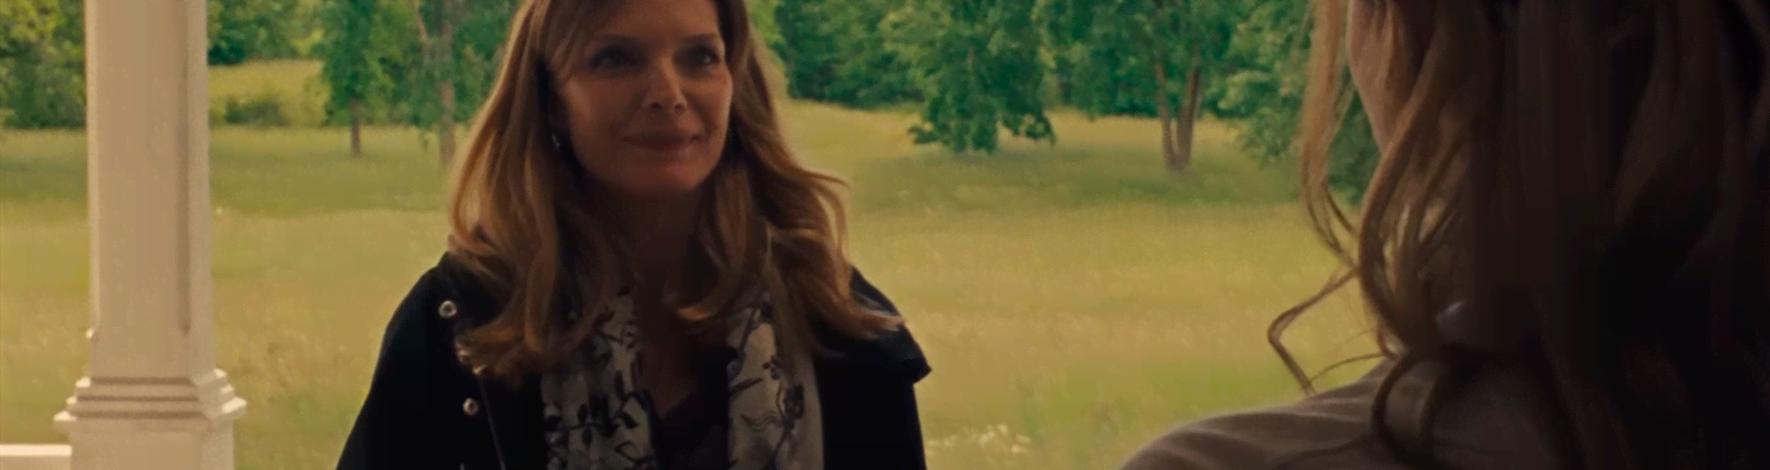 'Mãe!': reação de Michelle Pfeiffer traz mais mistério